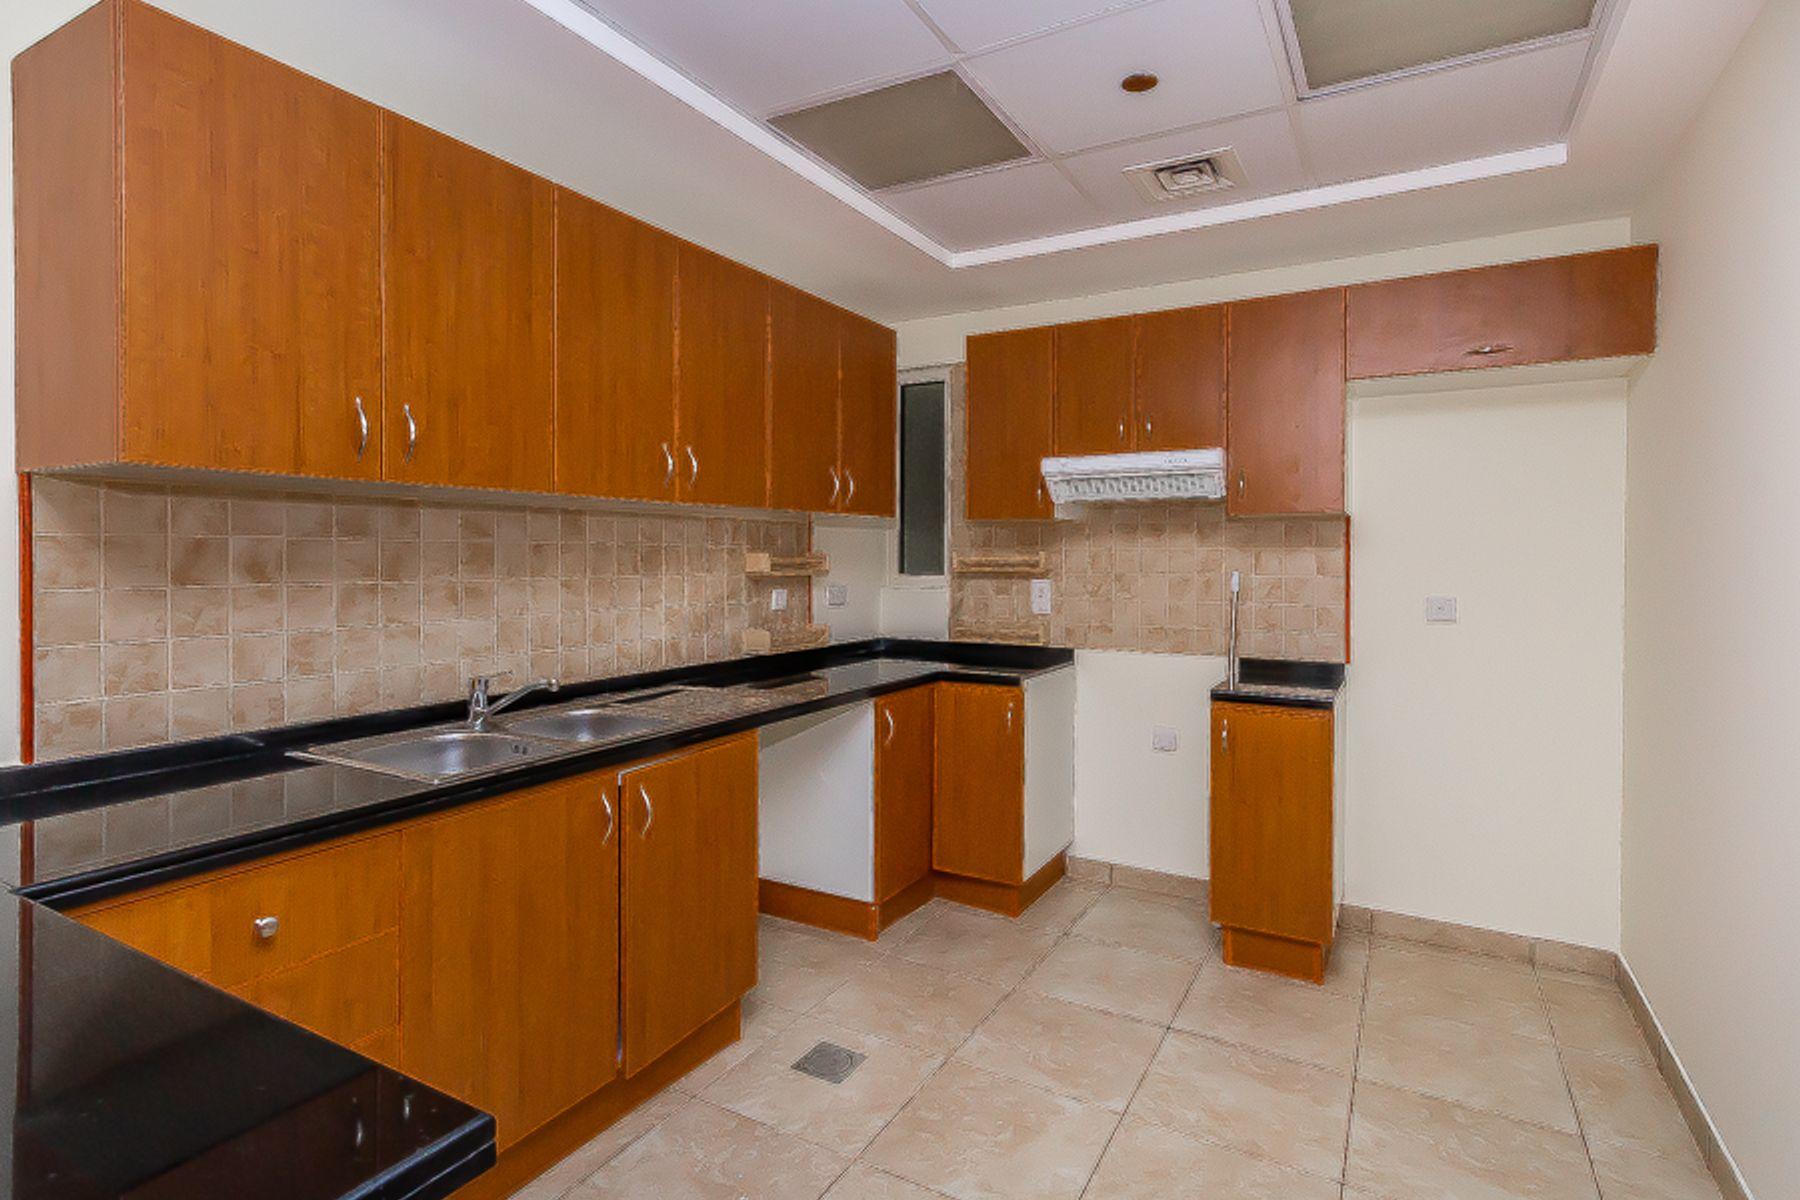 للايجار - شقة - طراز فينيسيا - مدينة دبي الرياضية